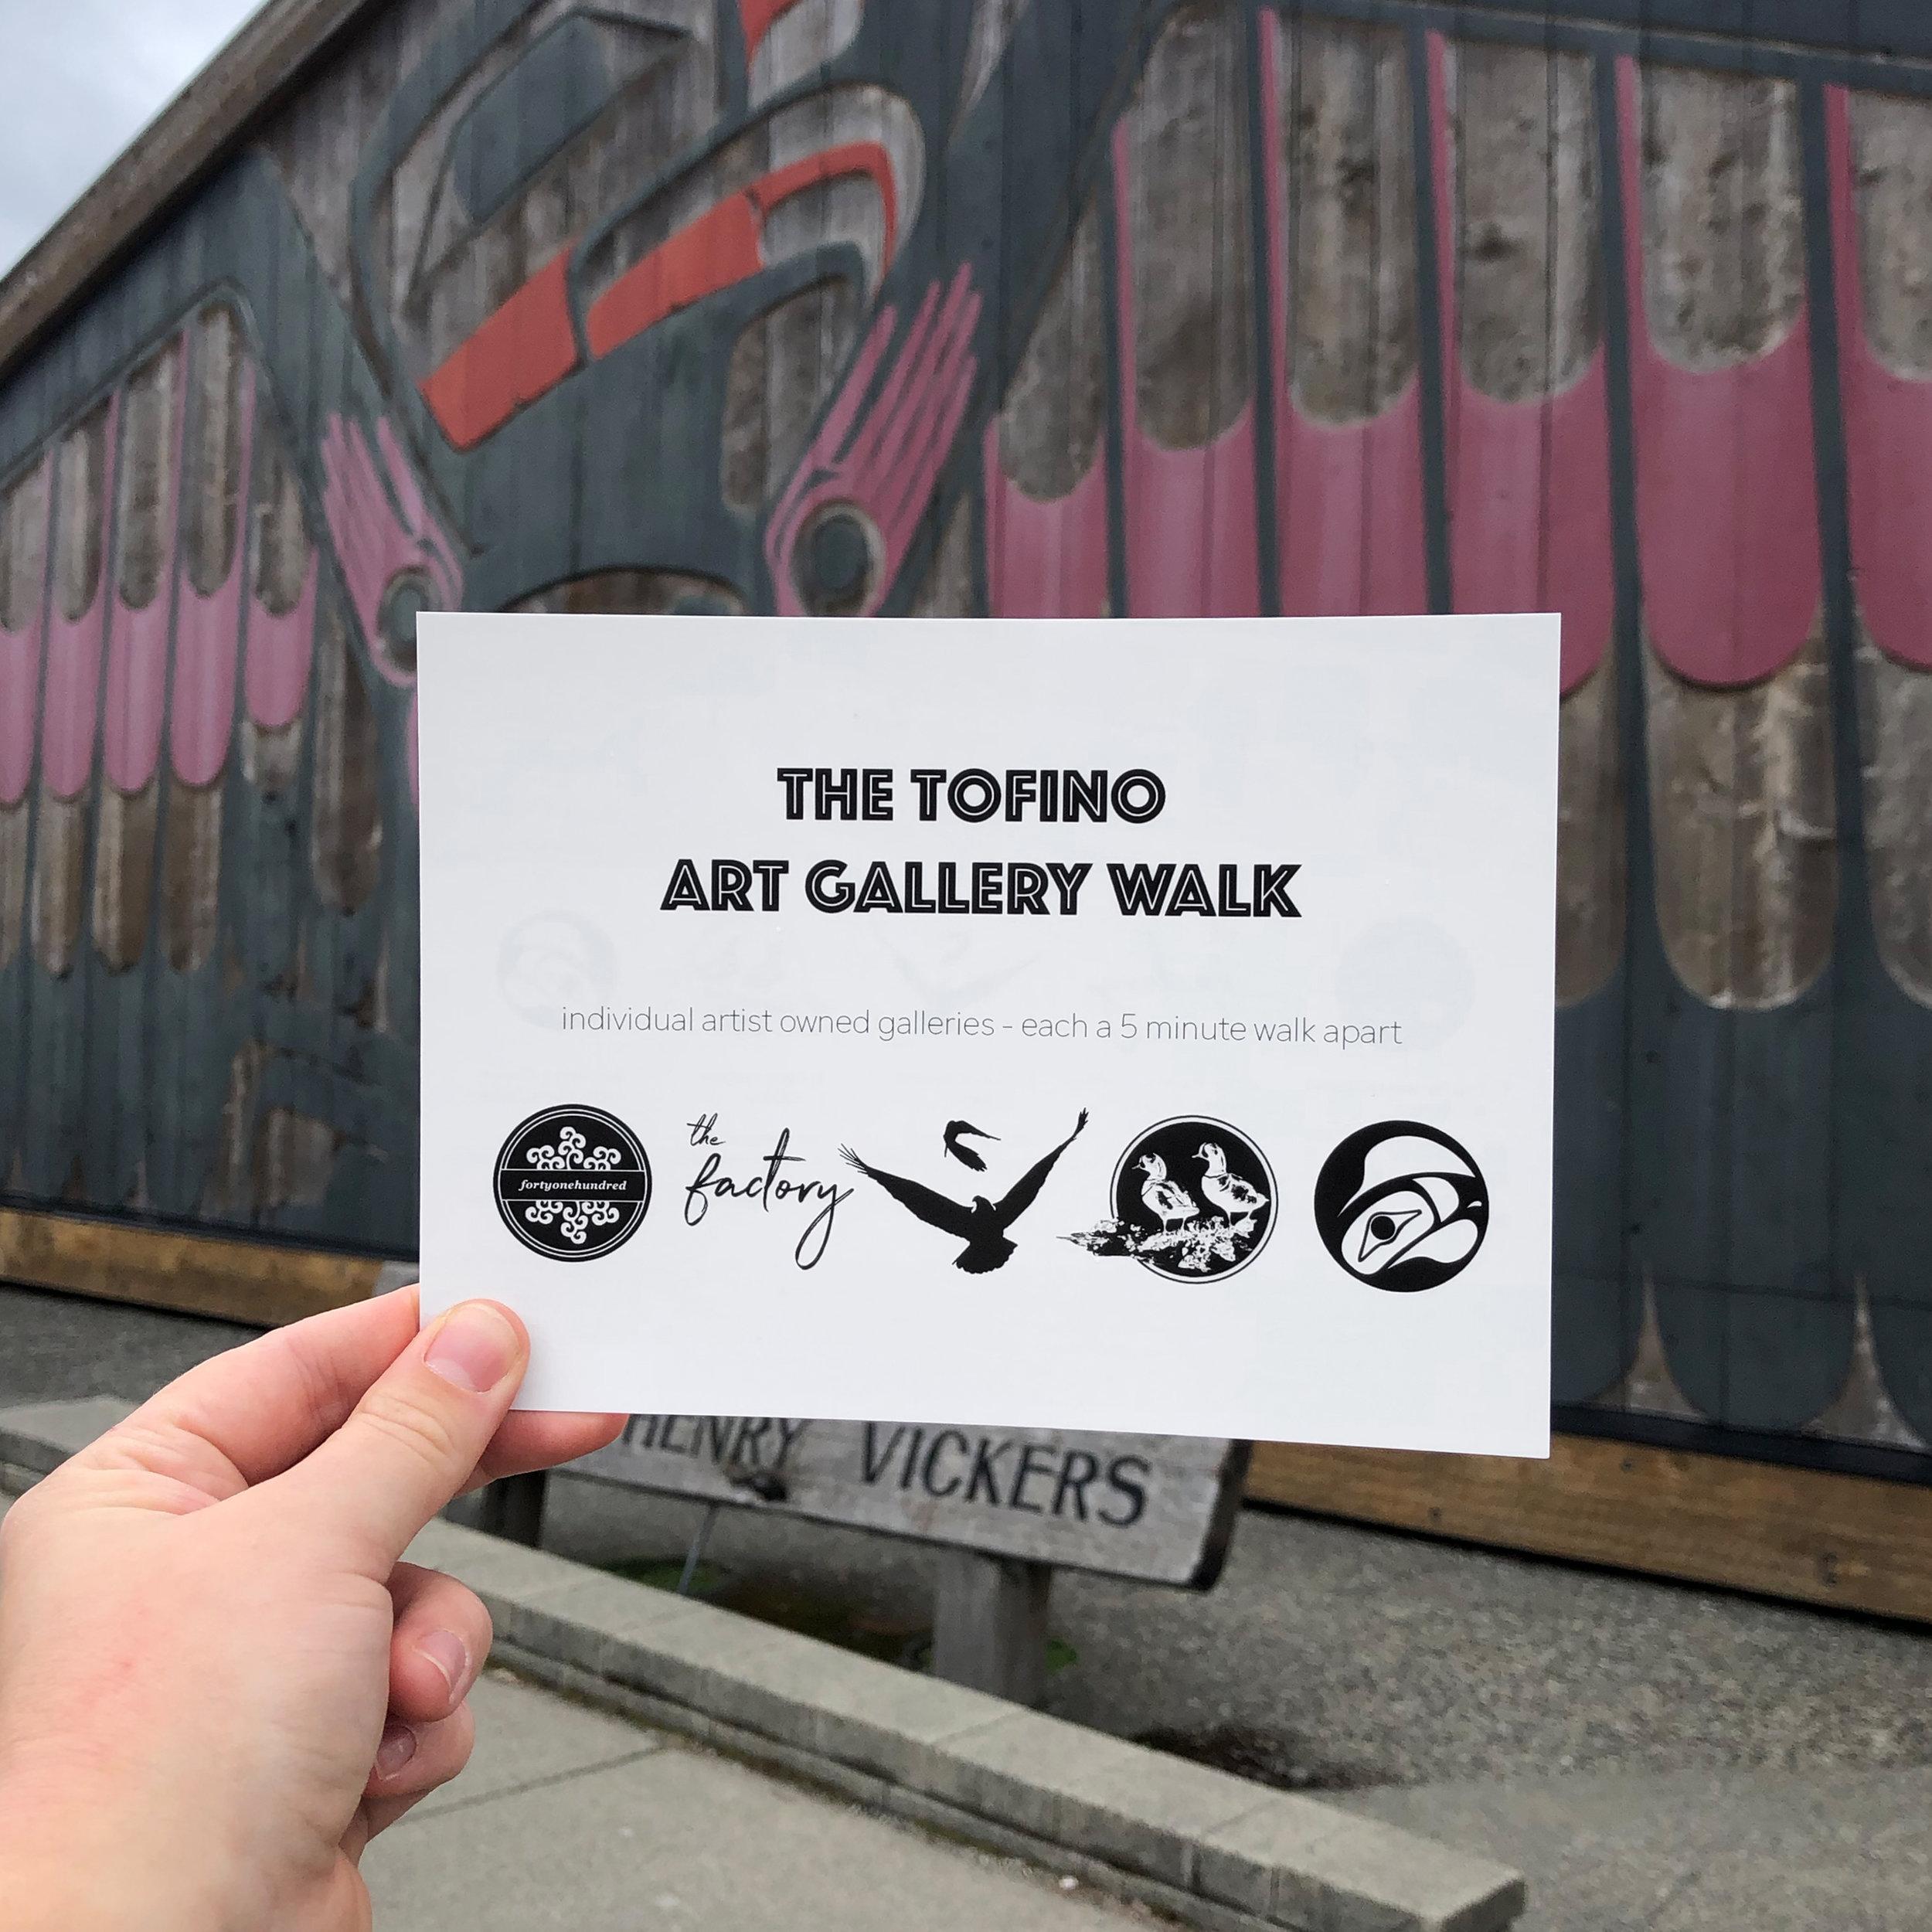 6 The Tofino Art Gallery Walk.jpg